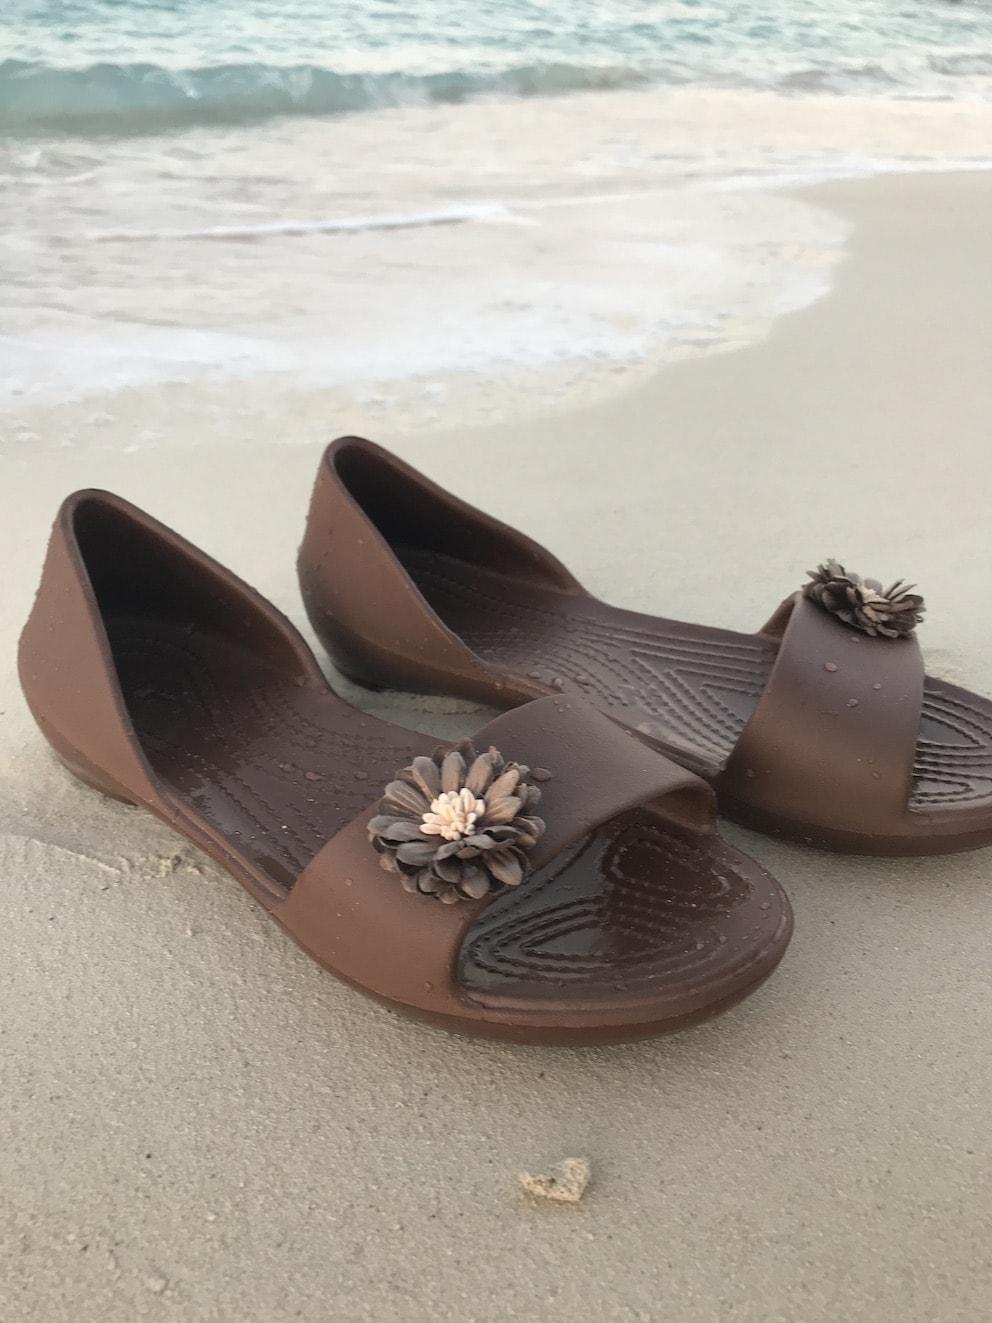 Flower Flip Flops in Chocolate Brown